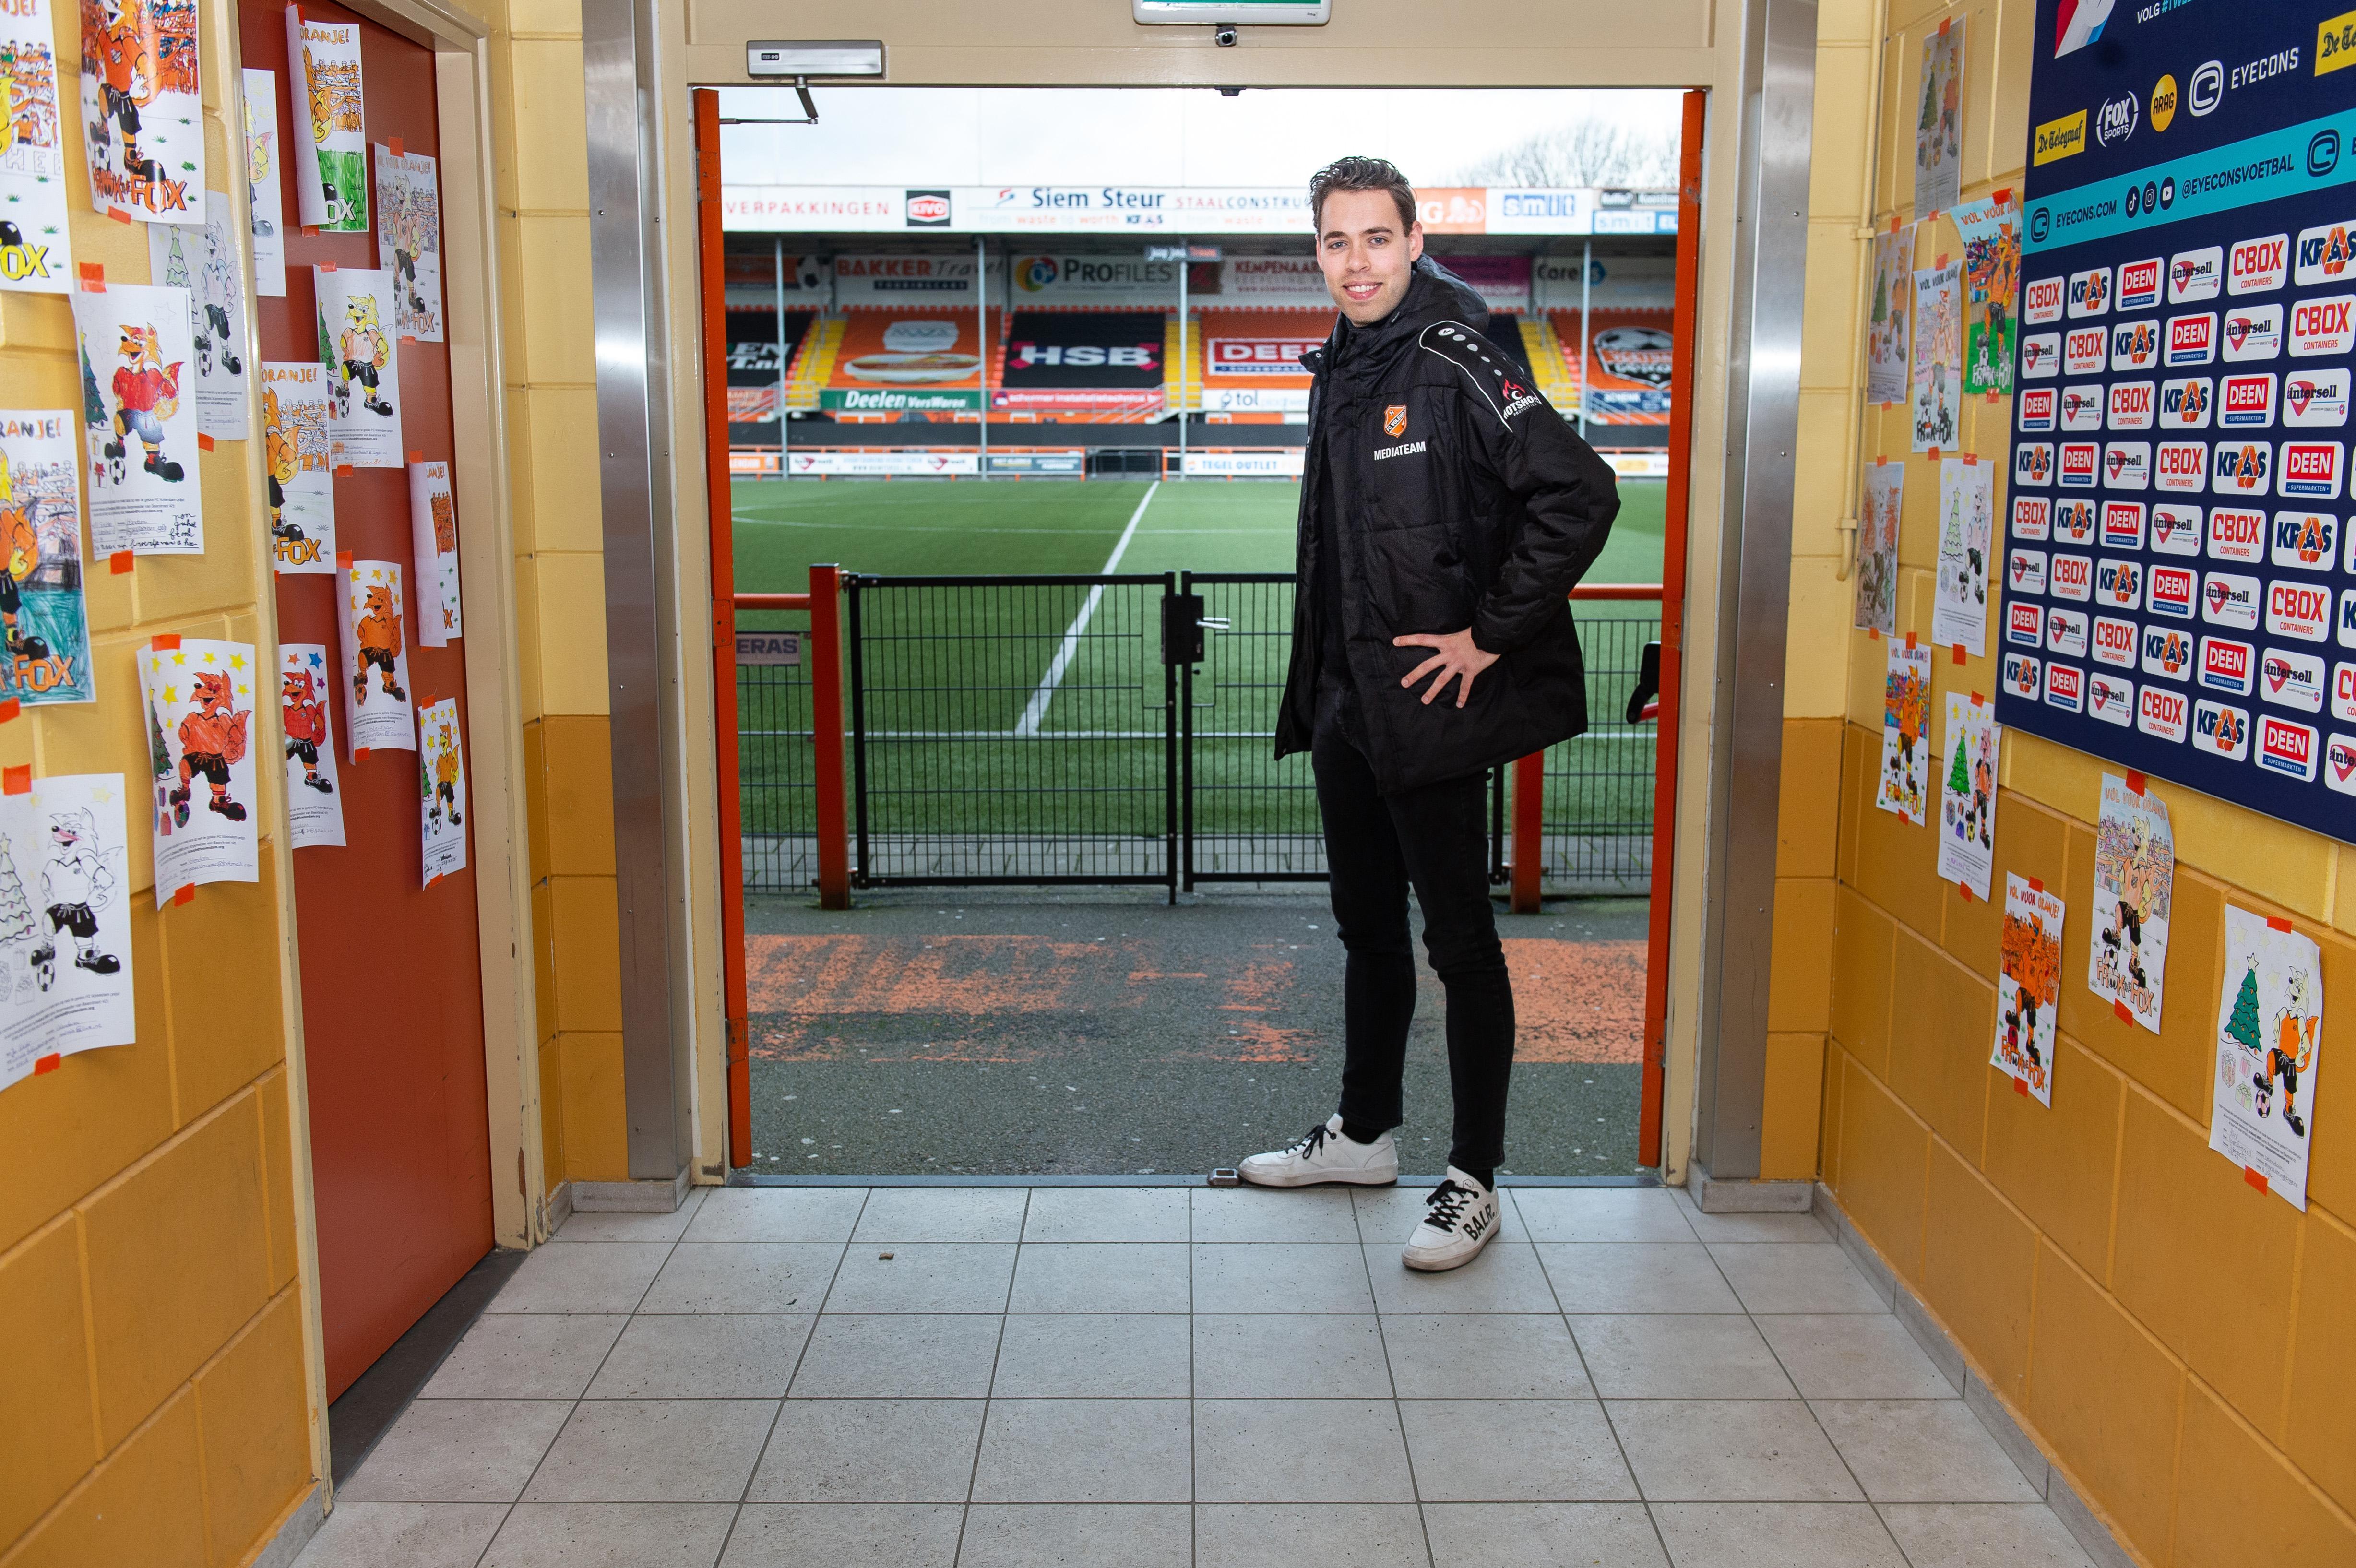 FC Volendam gaat als een raket op sociale media, en Sonny Sier wijst zijn voetbalclub digitaal de weg: 'Juist nu onze supporters thuiszitten, willen we wat extra's bieden'